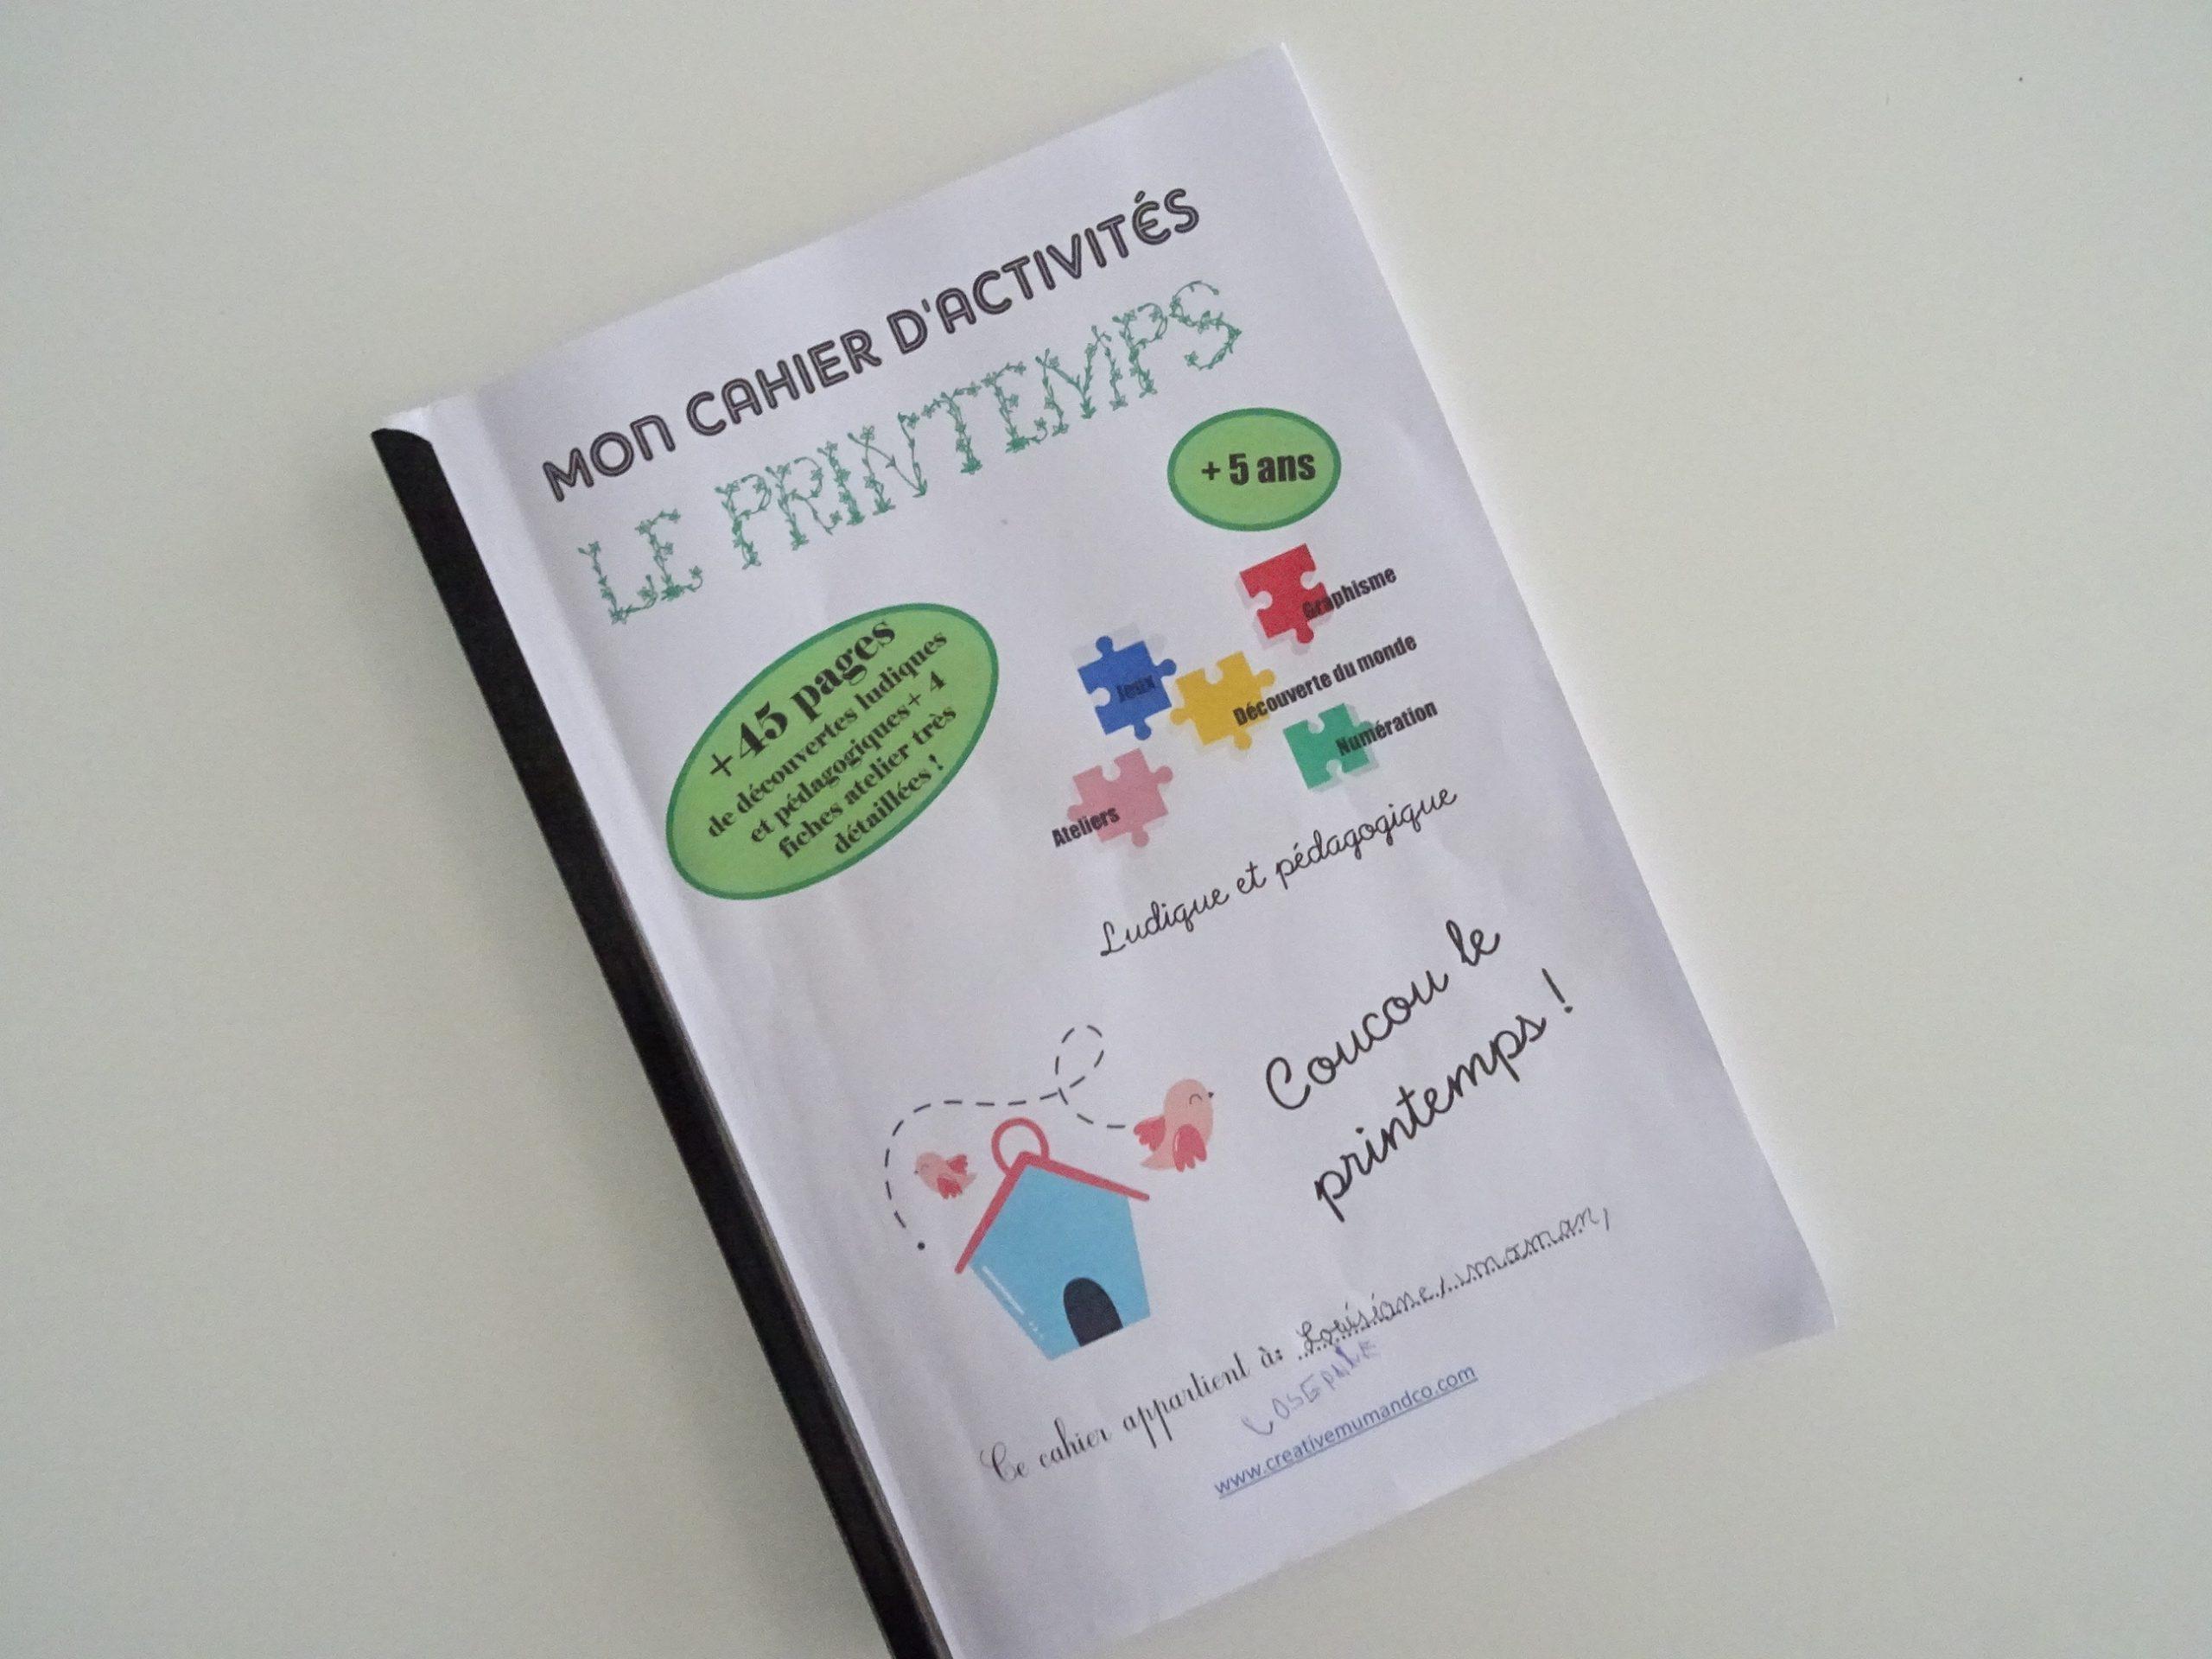 Pdf] Un Cahier D'activités Spécial Printemps À Télécharger dedans Cahier D Activité Maternelle